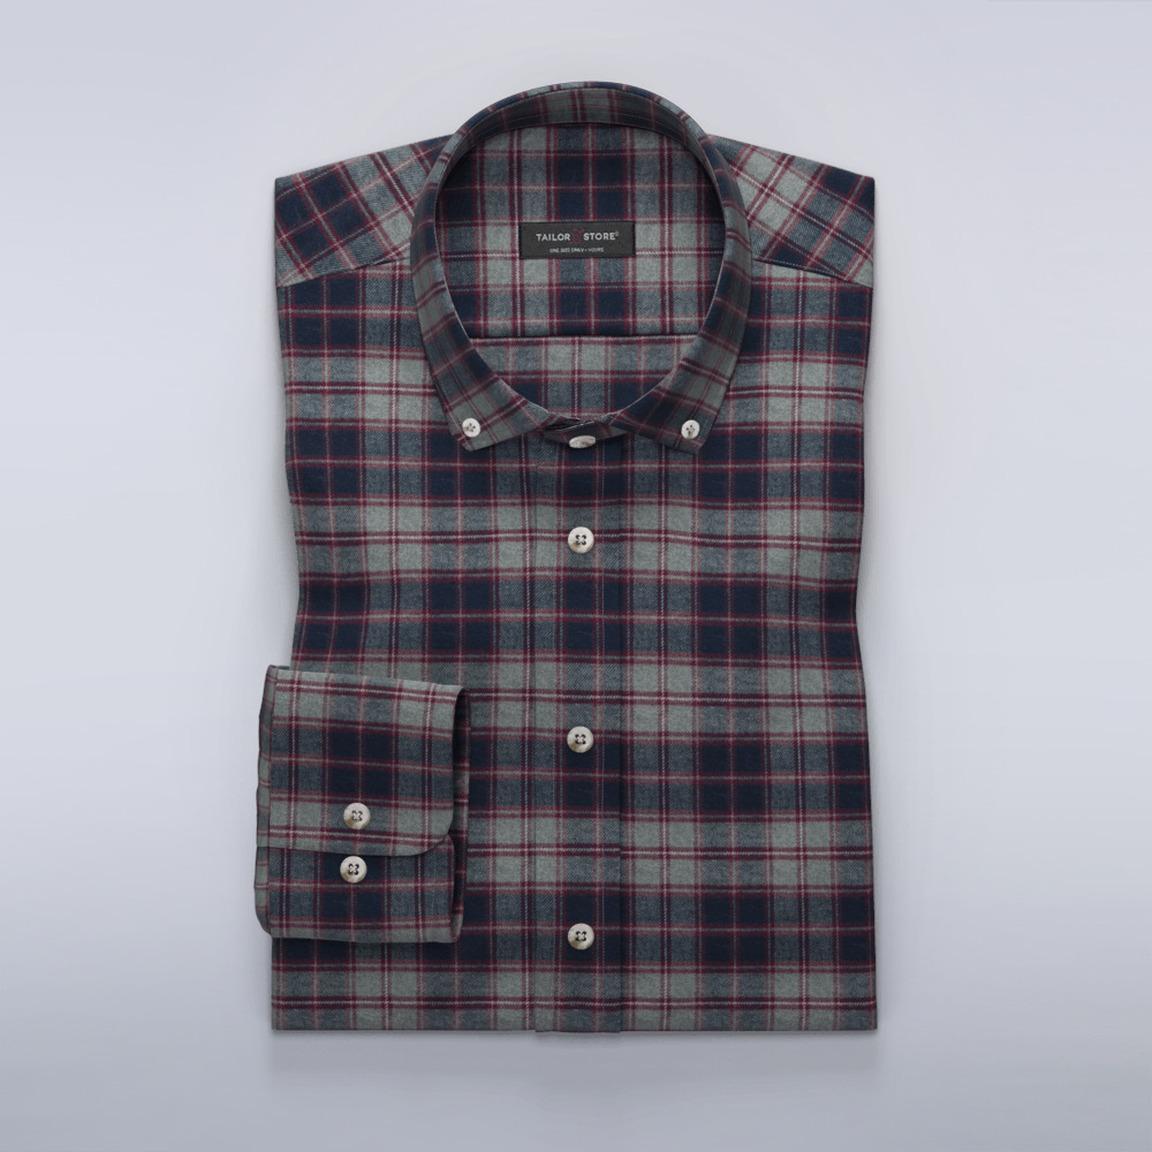 Rutig flanellskjorta i grått och lila